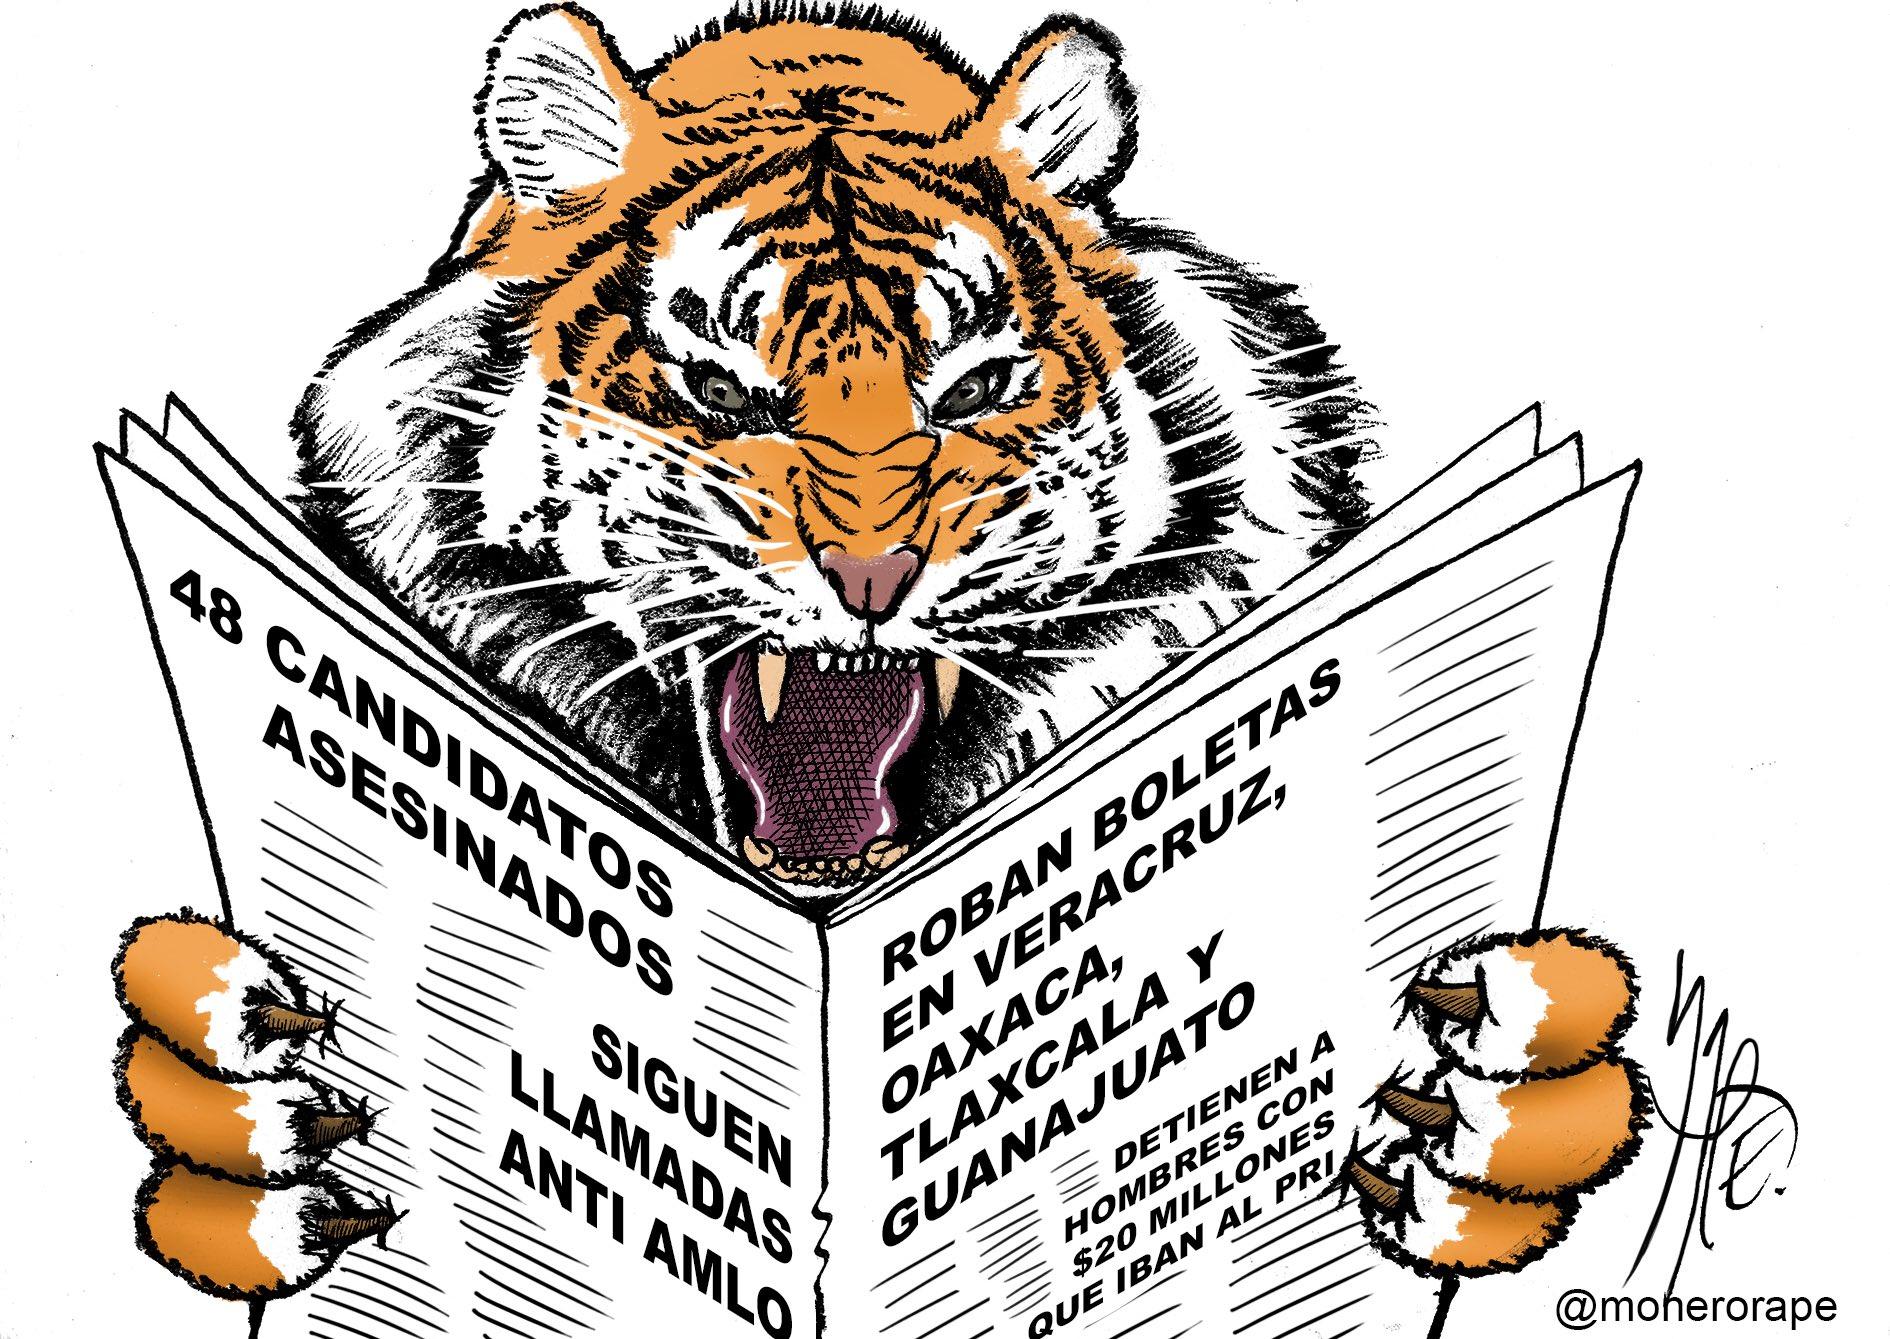 No es para menos. El tigre está encabronado por tanta fregadera. Cartón en @Milenio https://t.co/p8G3iOeDCn